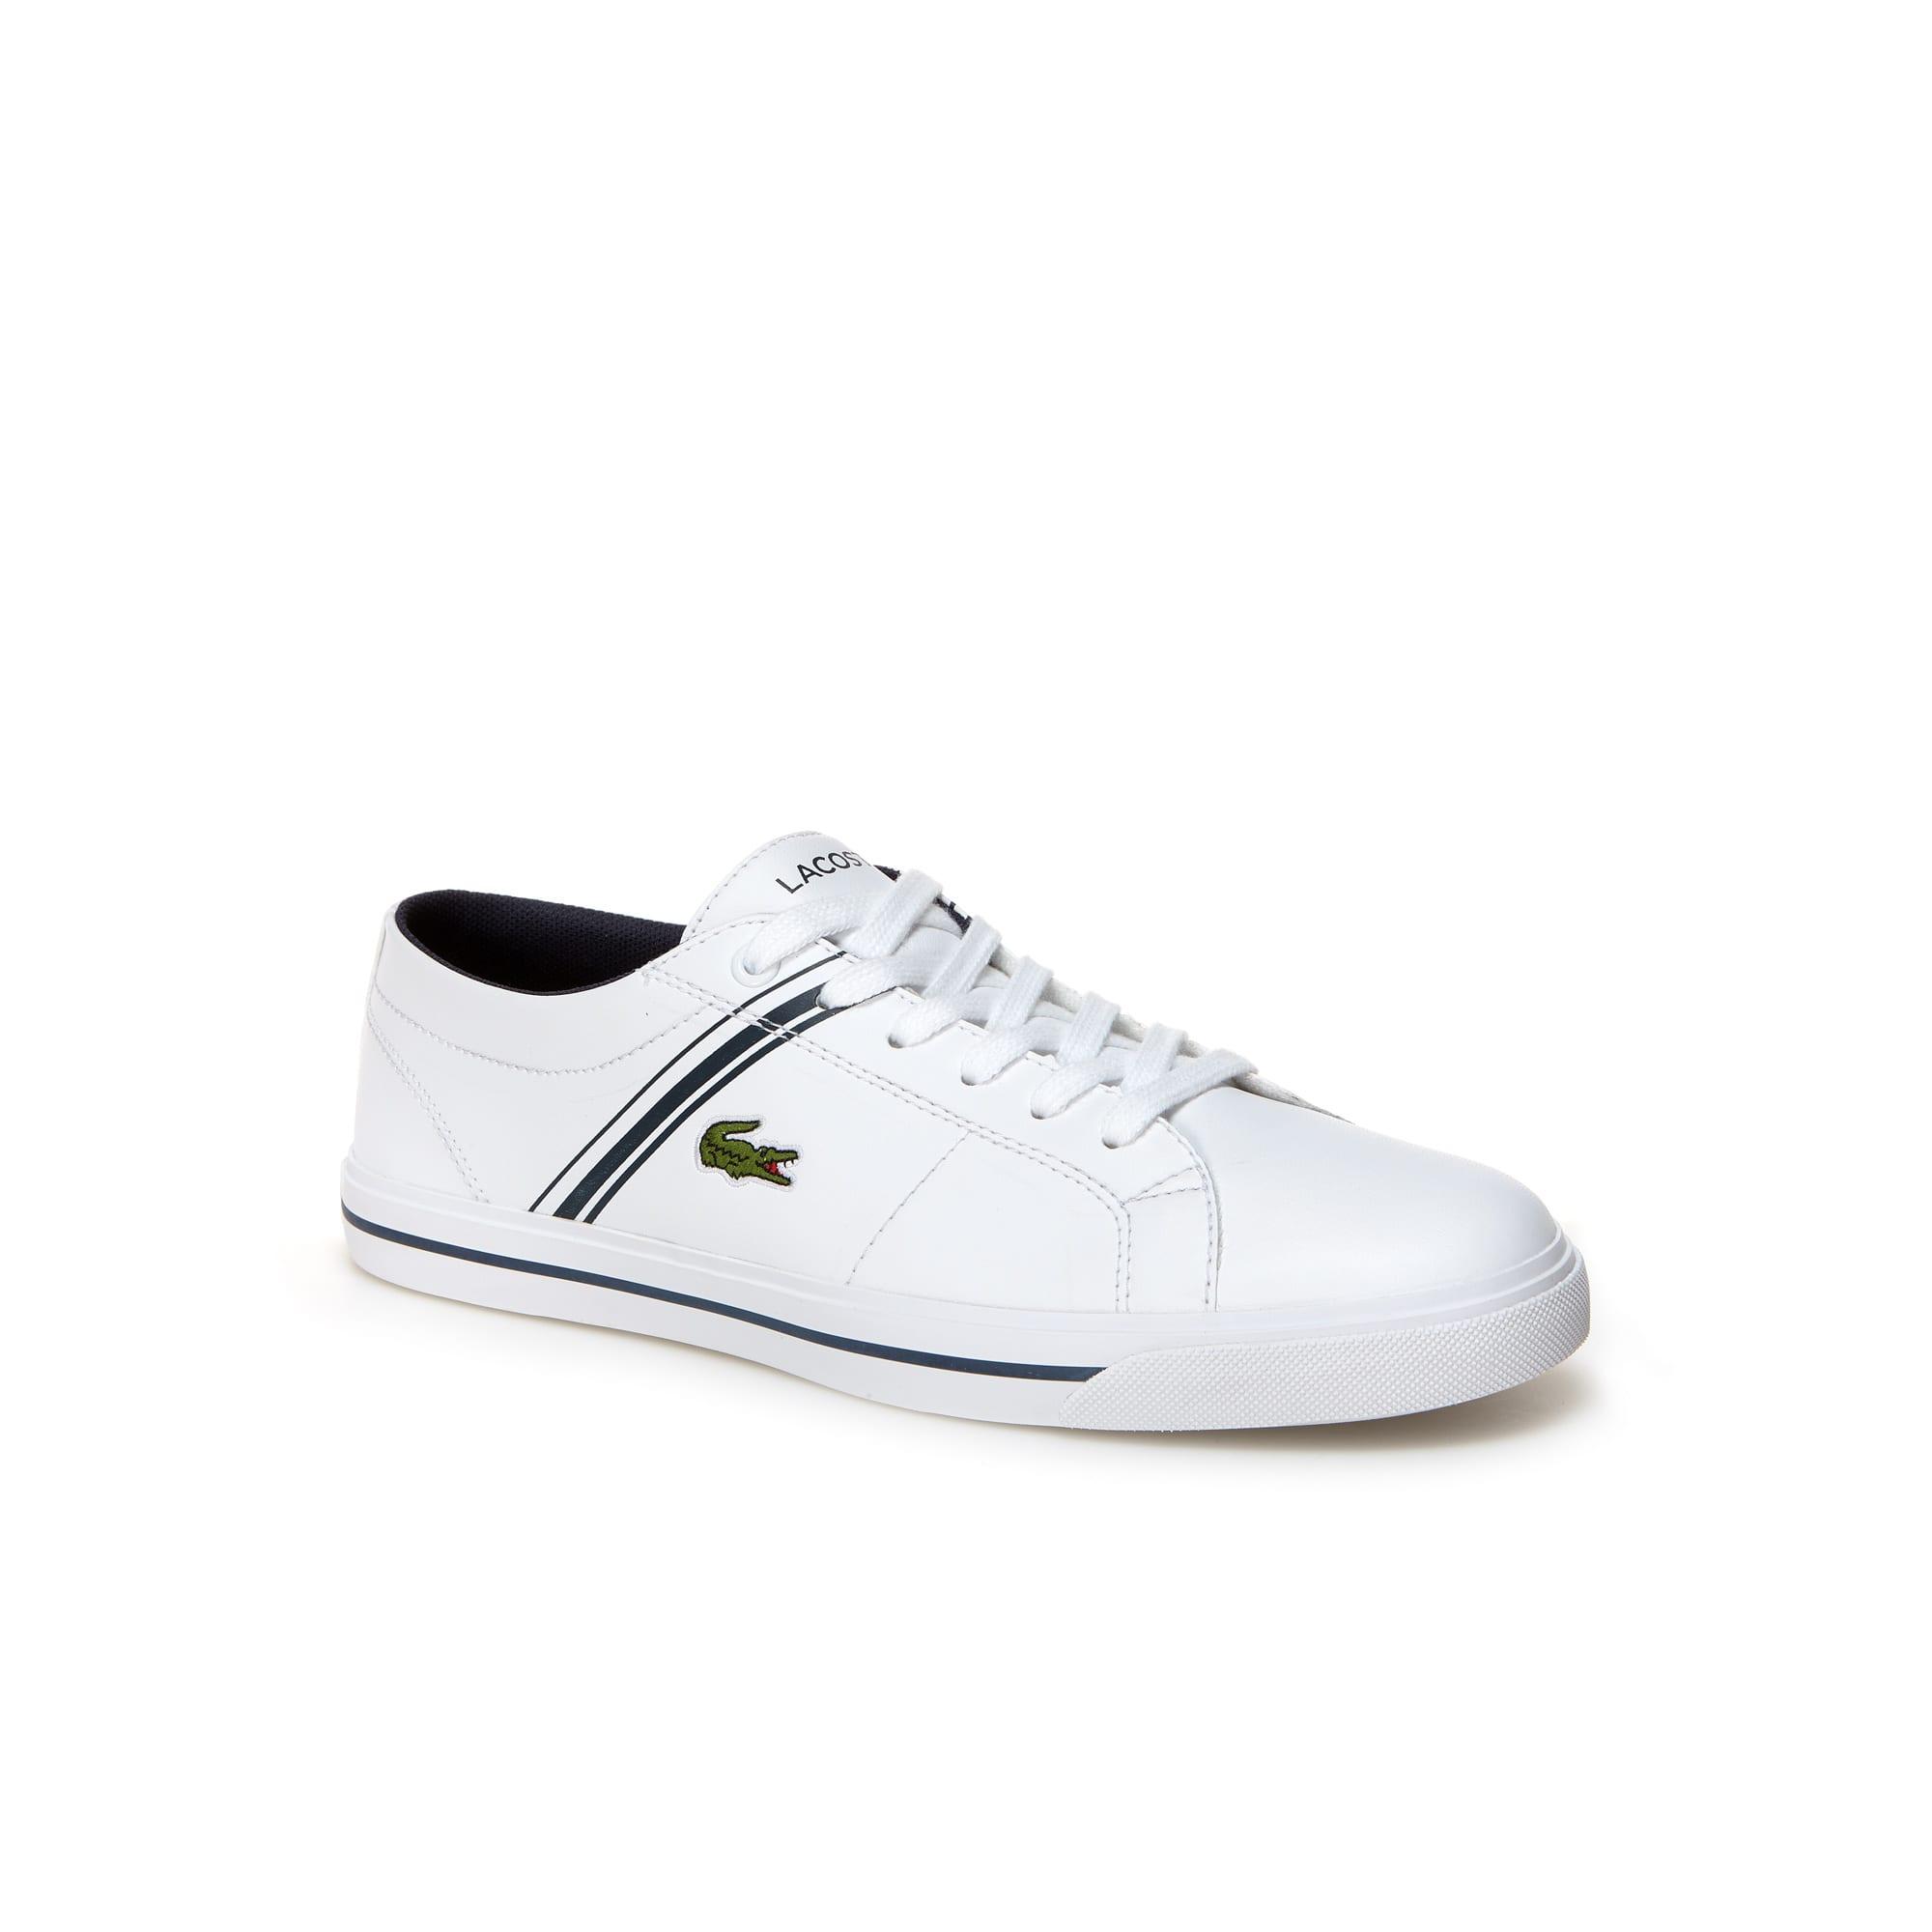 Riberac kindersneakers leather-look